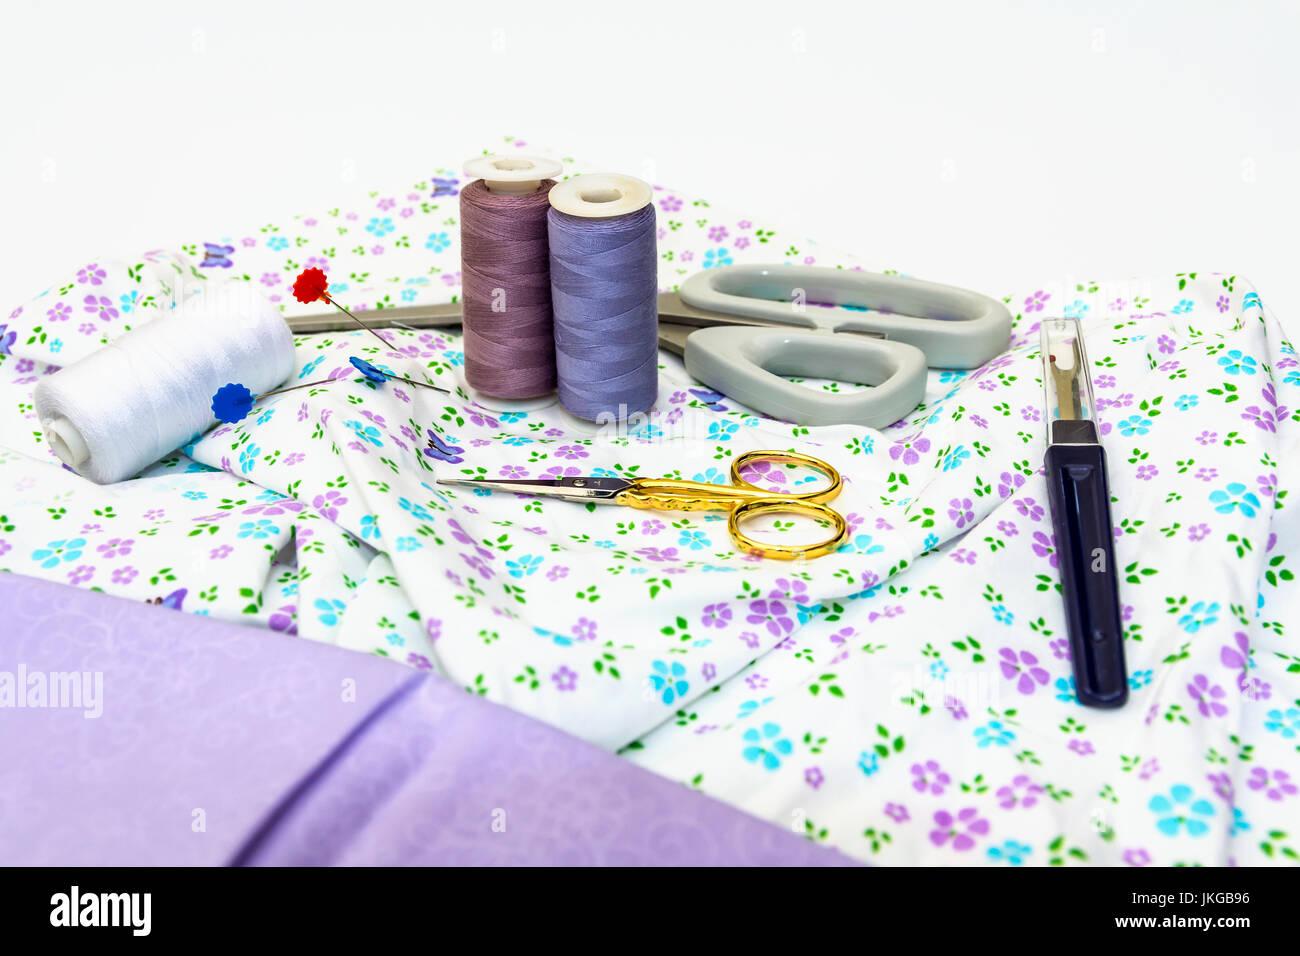 Una selección de accesorios de costura, como tijeras, algodón, con tejido normal y patrón aparece sobre fondo blanco. Foto de stock